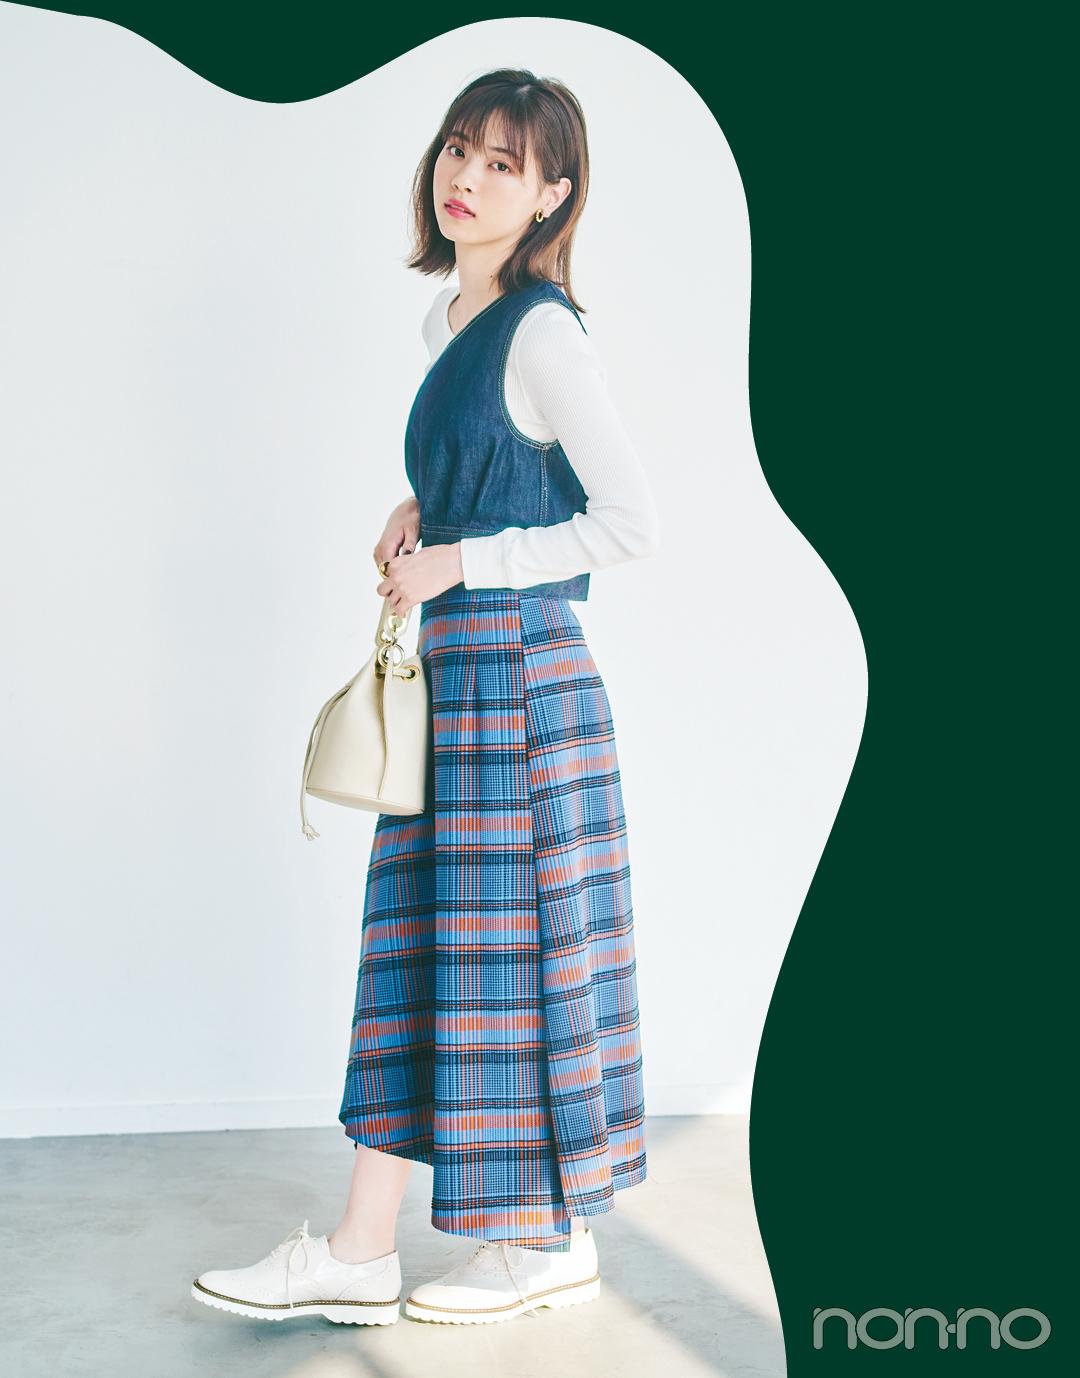 西野七瀬が秋のトレンド「ハンサムスカート」をはき比べ!_1_9